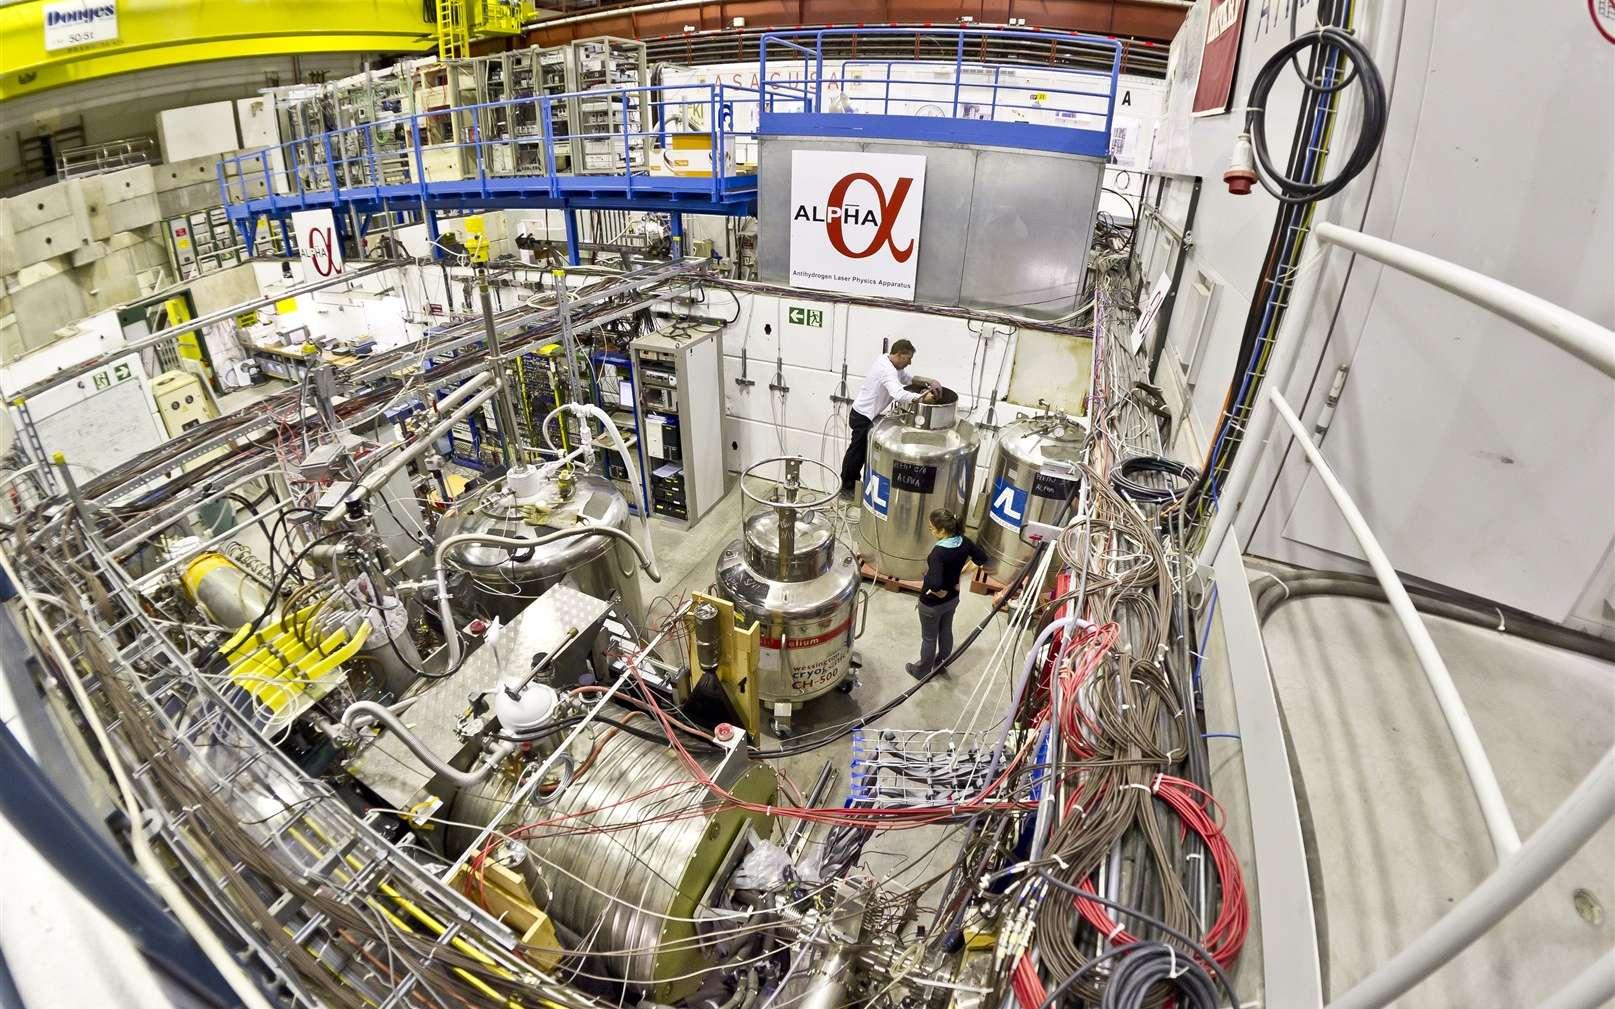 Une vue générale de l'expérience Alpha au Cern. Une version améliorée est en élaboration, pour traquer encore plus finement les différences entre matière et antimatière. © Maximilien Brice, Cern